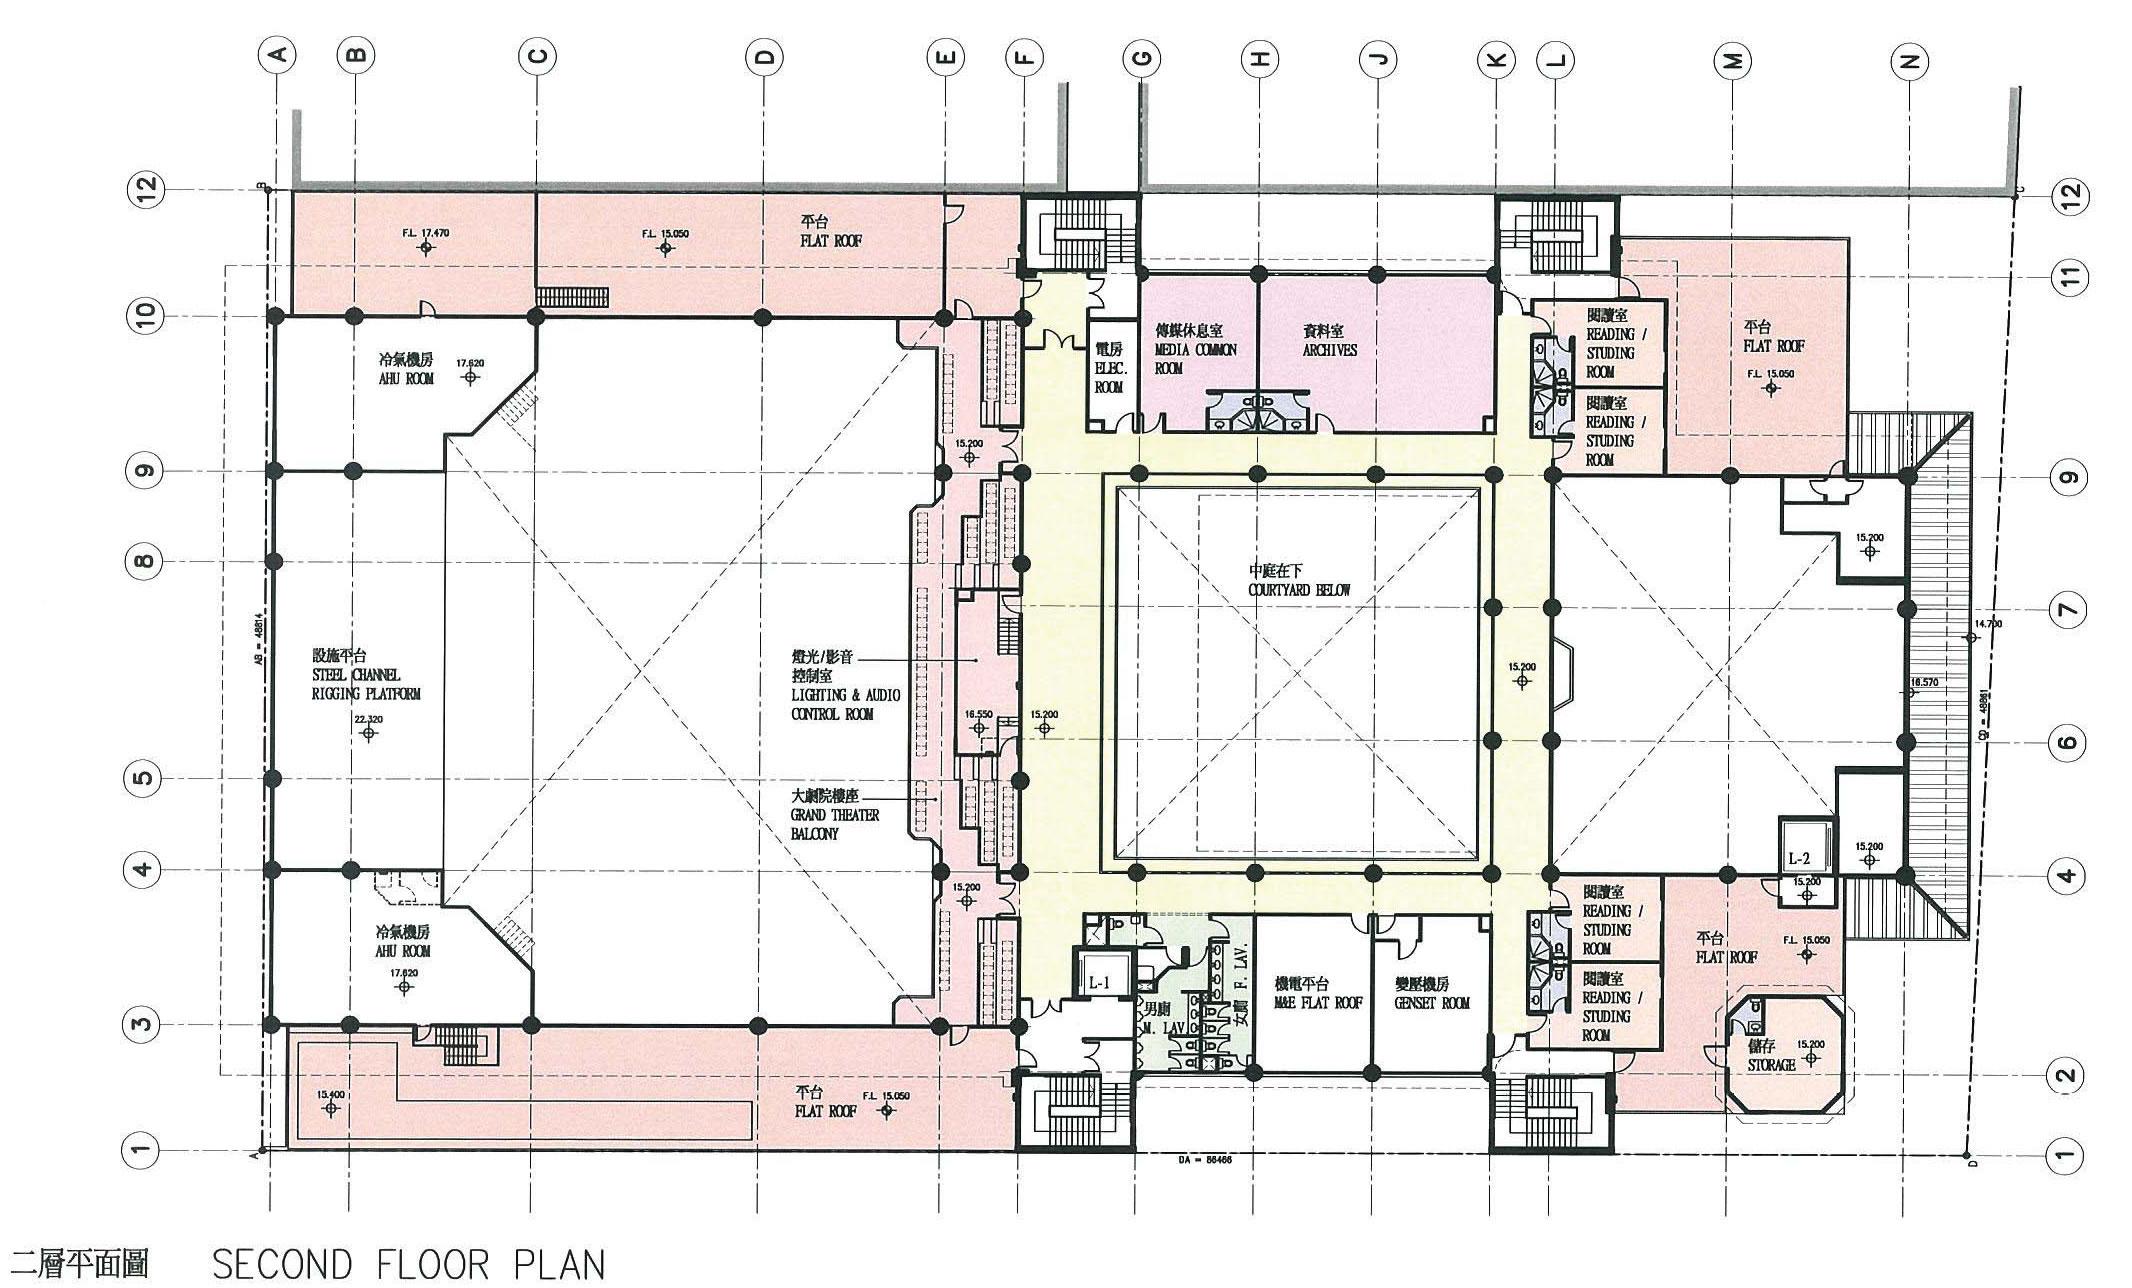 Remarkable 大樓平面圖 2132 x 1288 · 397 kB · jpeg